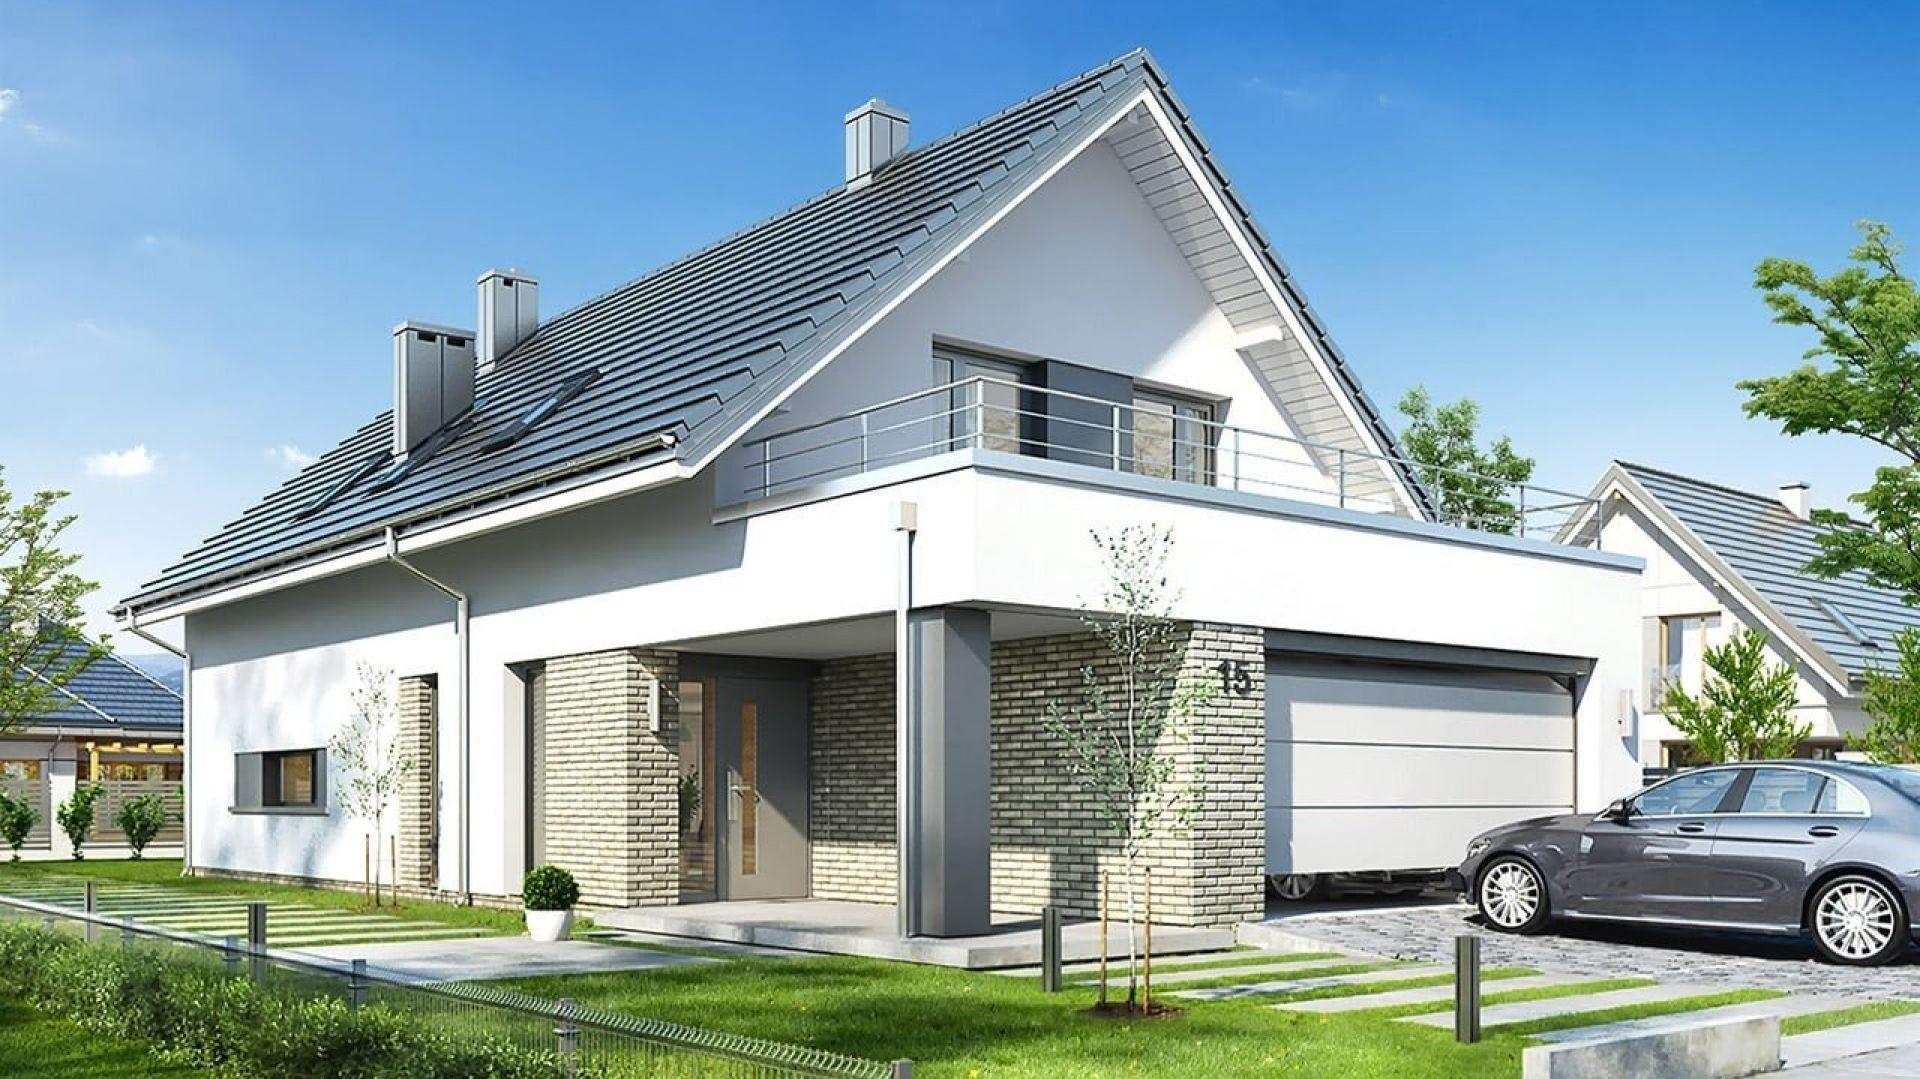 Front domu ozdabia duży podcień wejściowy, z reprezentacyjnymi drzwiami. Projekt: arch. Michał Gąsiorowski. Fot. MG Projekt